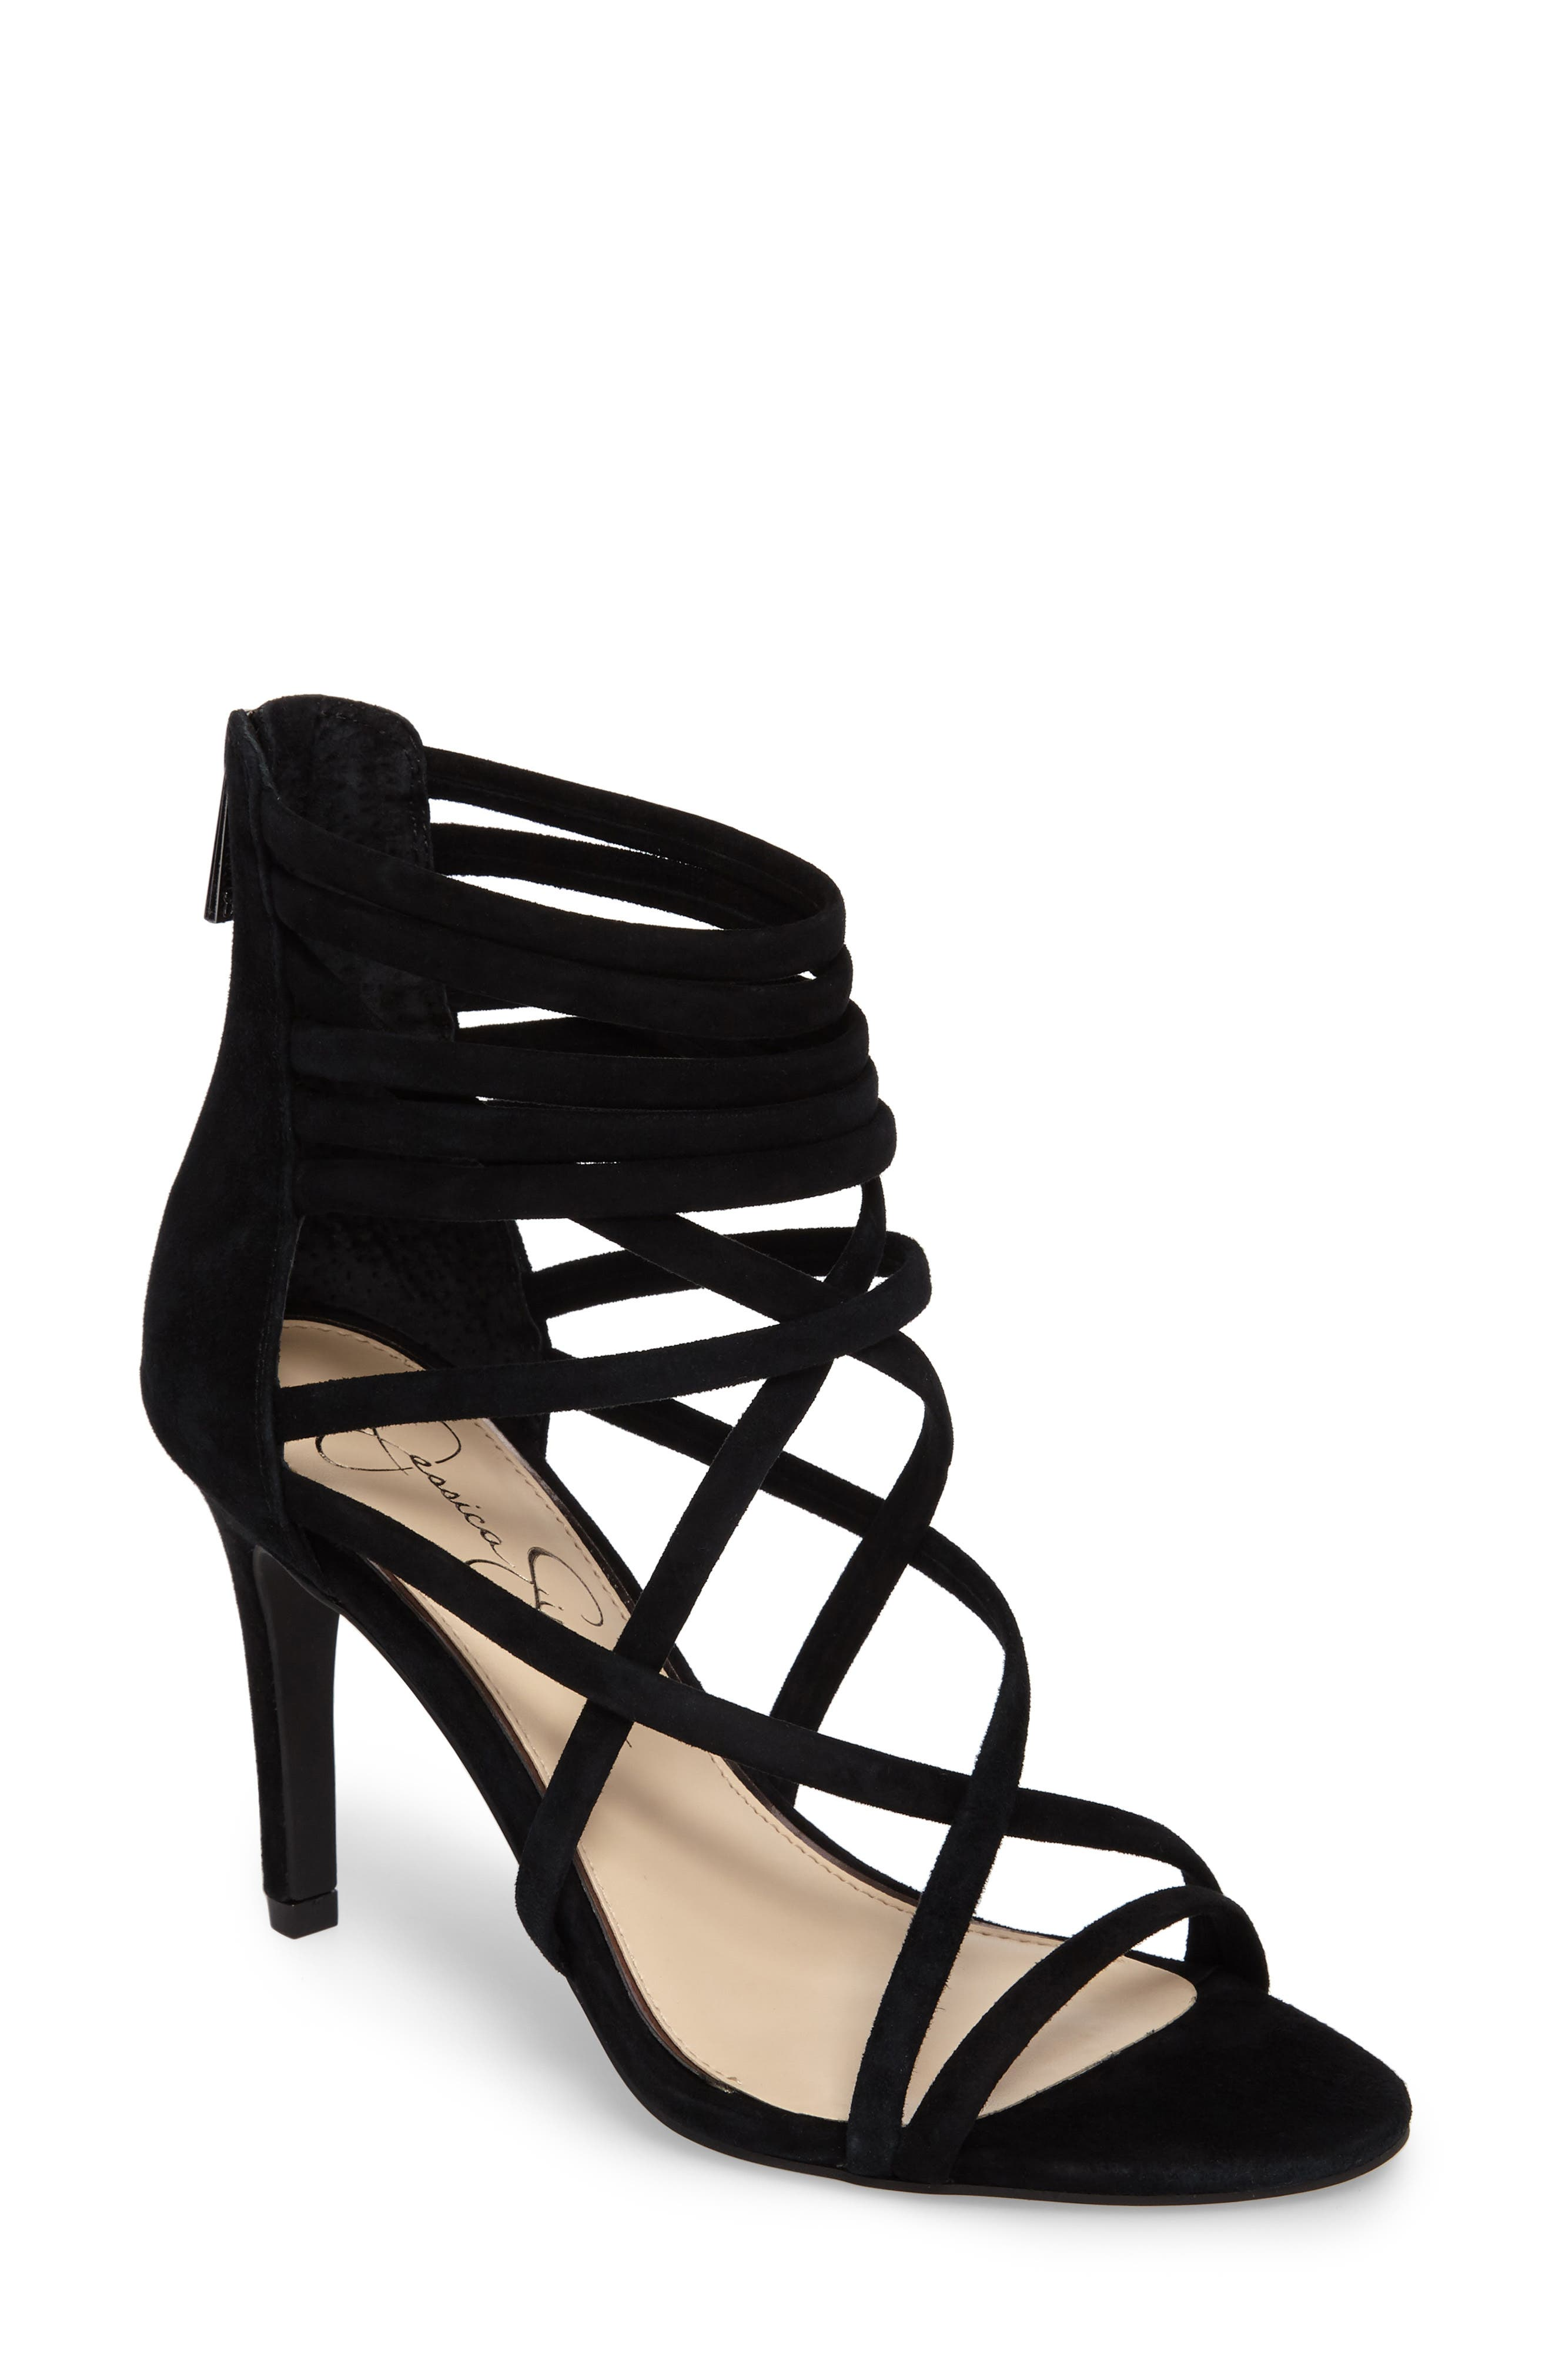 Harmoni Sandal,                         Main,                         color, Black